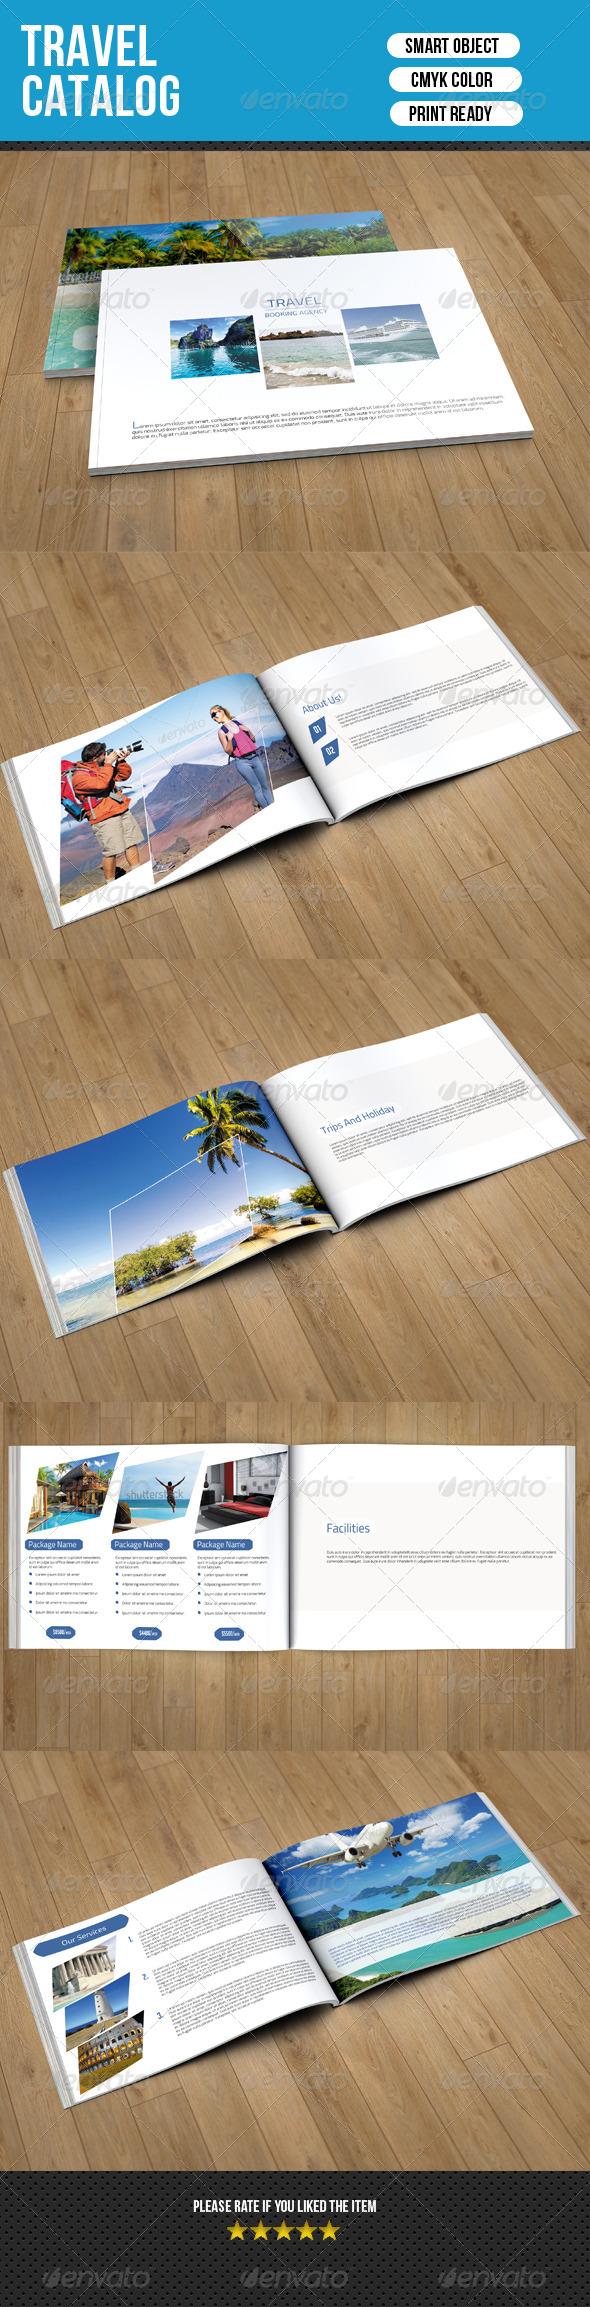 Travel Catalog-V01